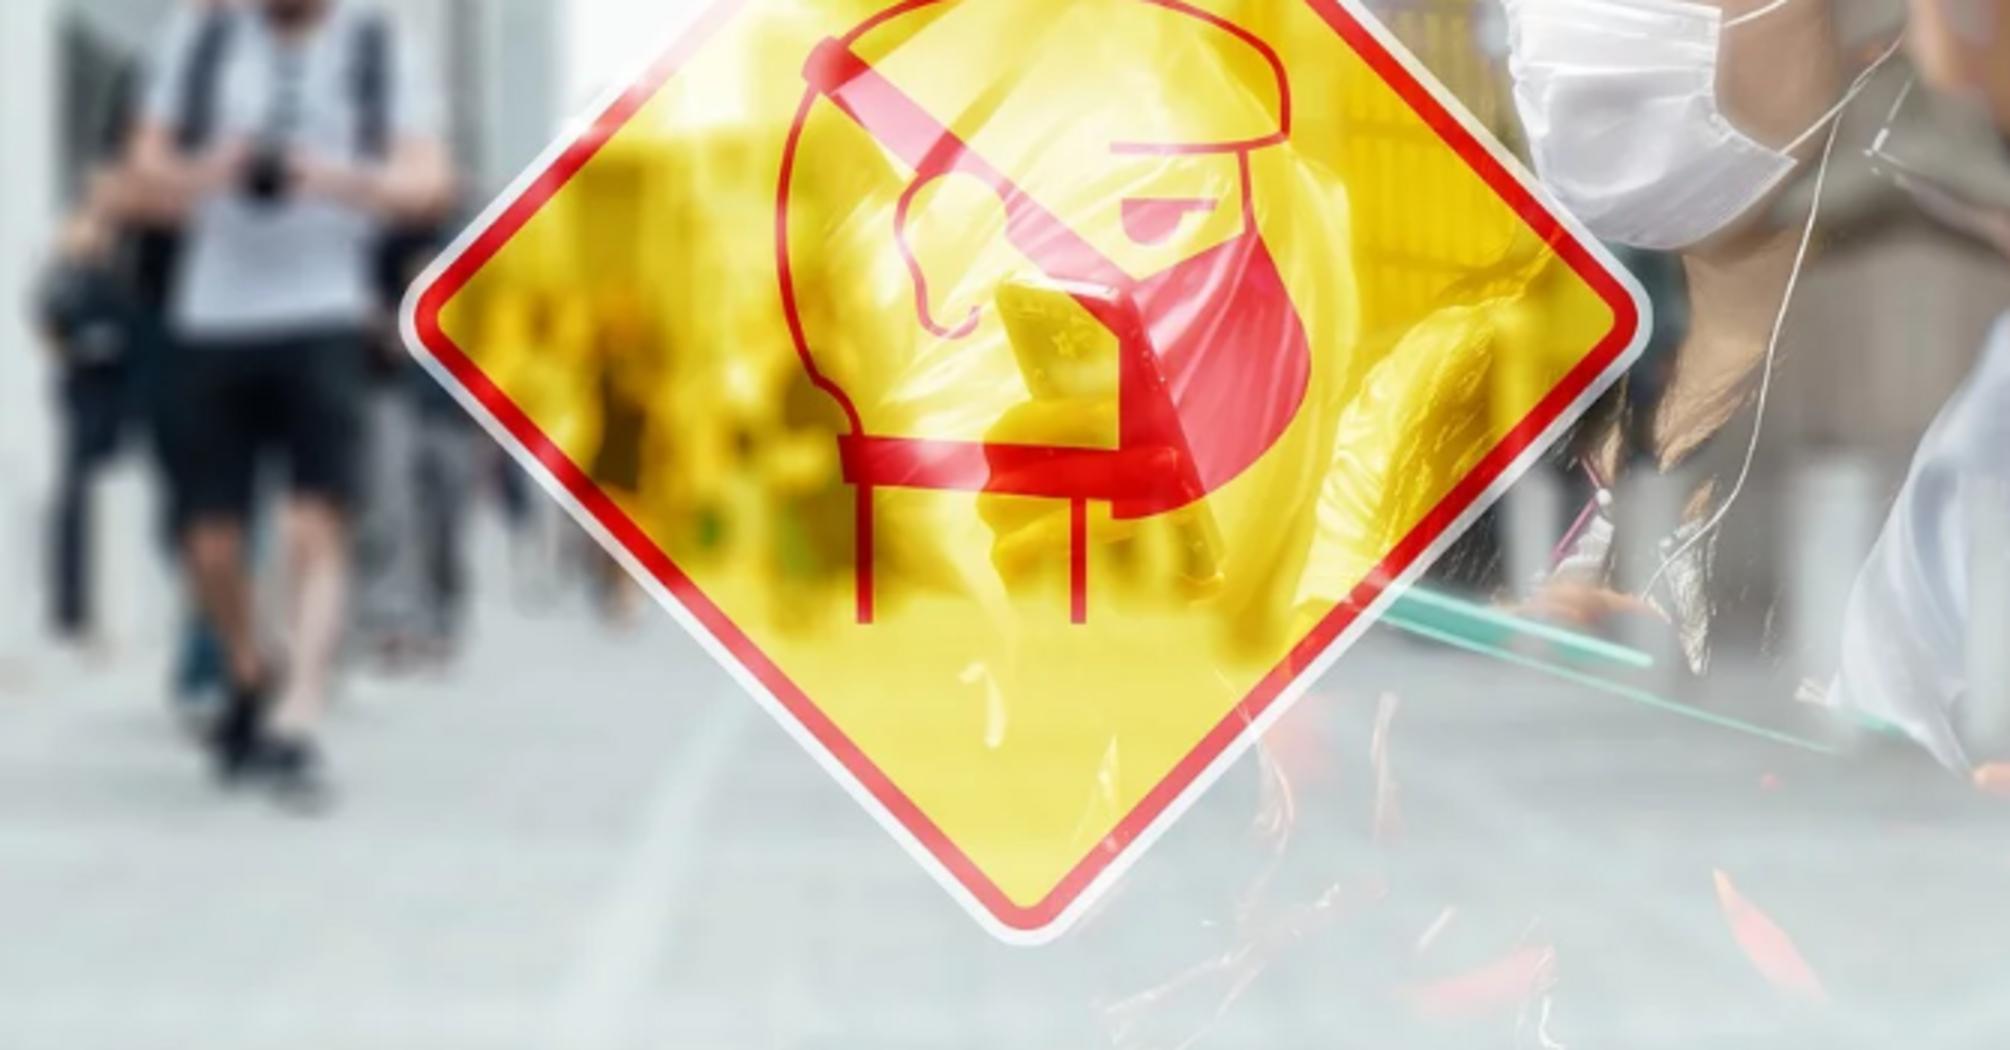 Коронавирус в Украине 2020: когда на карантин закроют детсады, школы и университеты